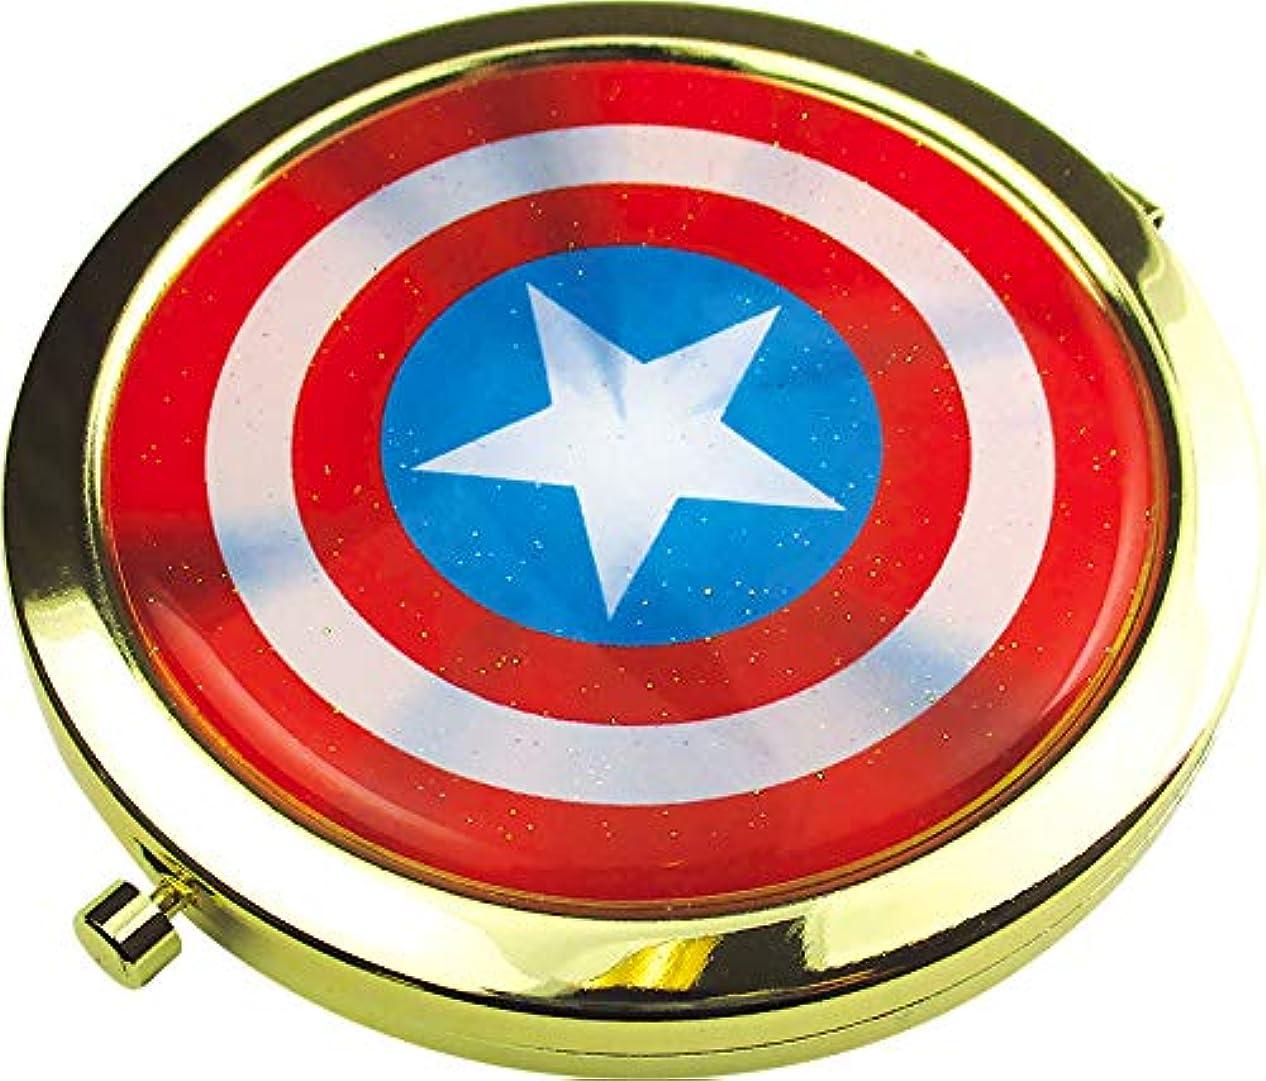 後退する耳マイナーティーズファクトリー 鏡 マーベル キャプテン?アメリカ Wコンパクトミラー MV-5537052CA